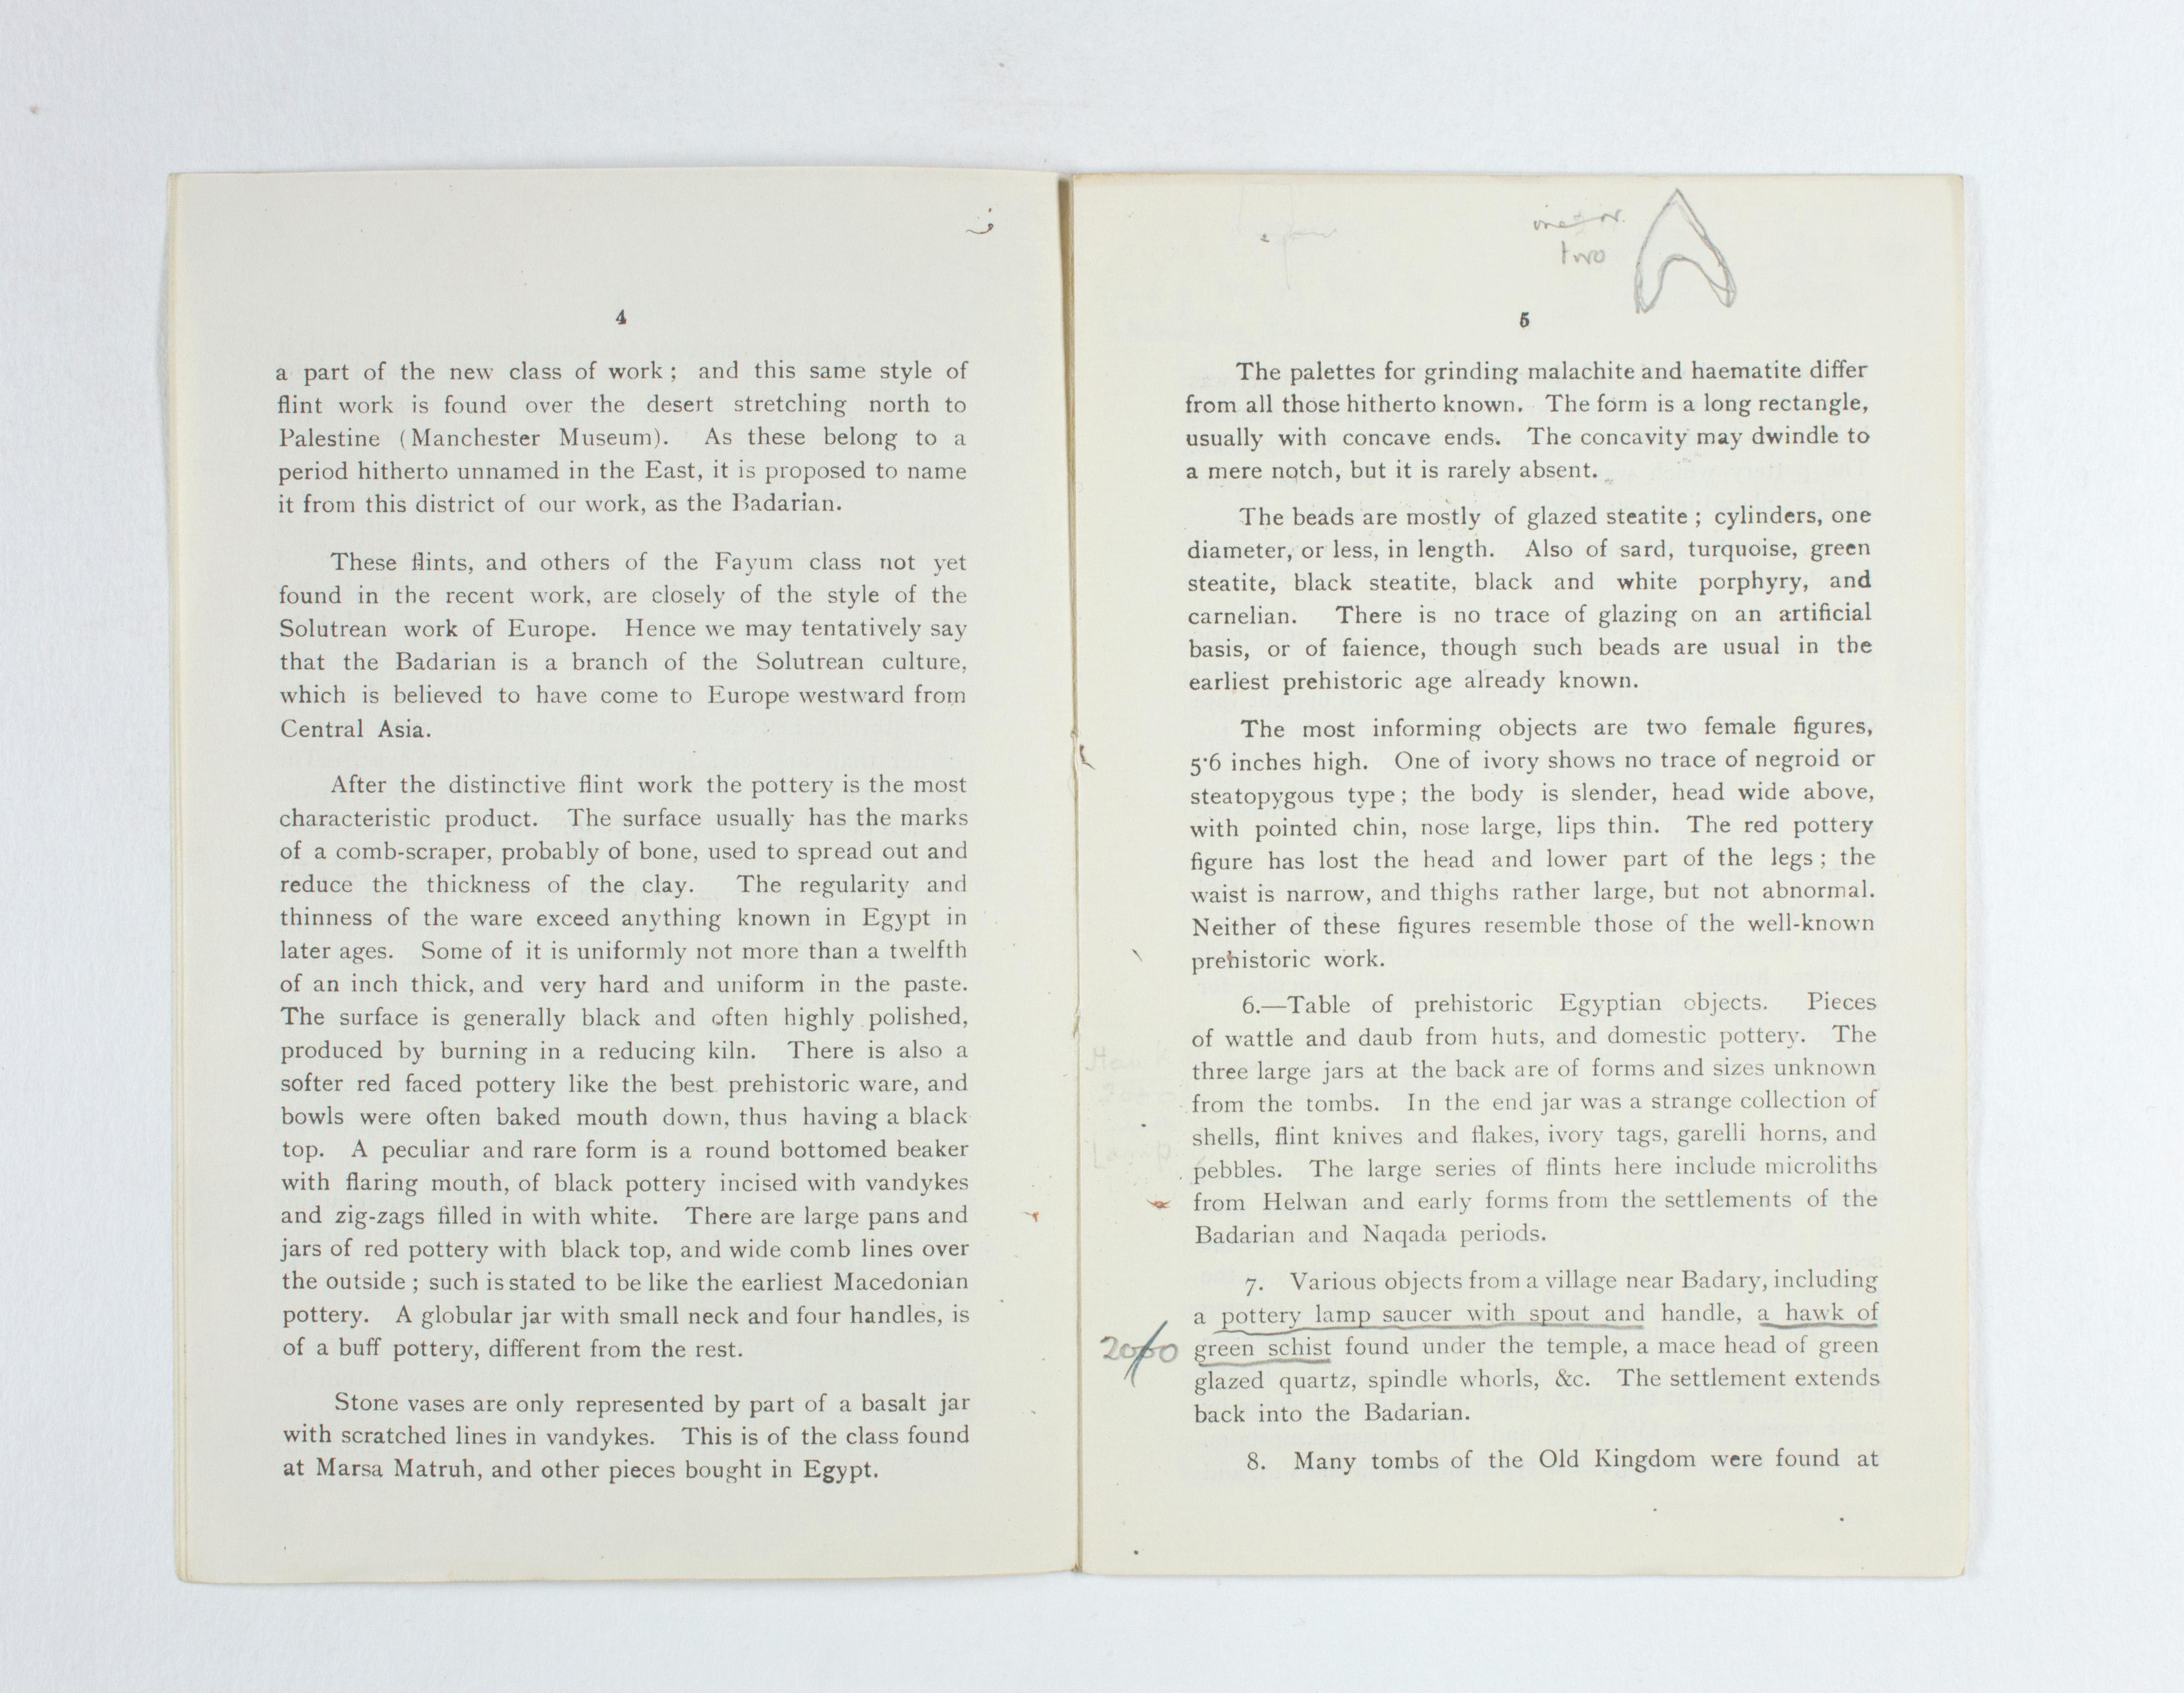 1923-24 Qau el-Kebir, Hemamieh Exhibition catalogue PMA/WFP1/D/27/34.4